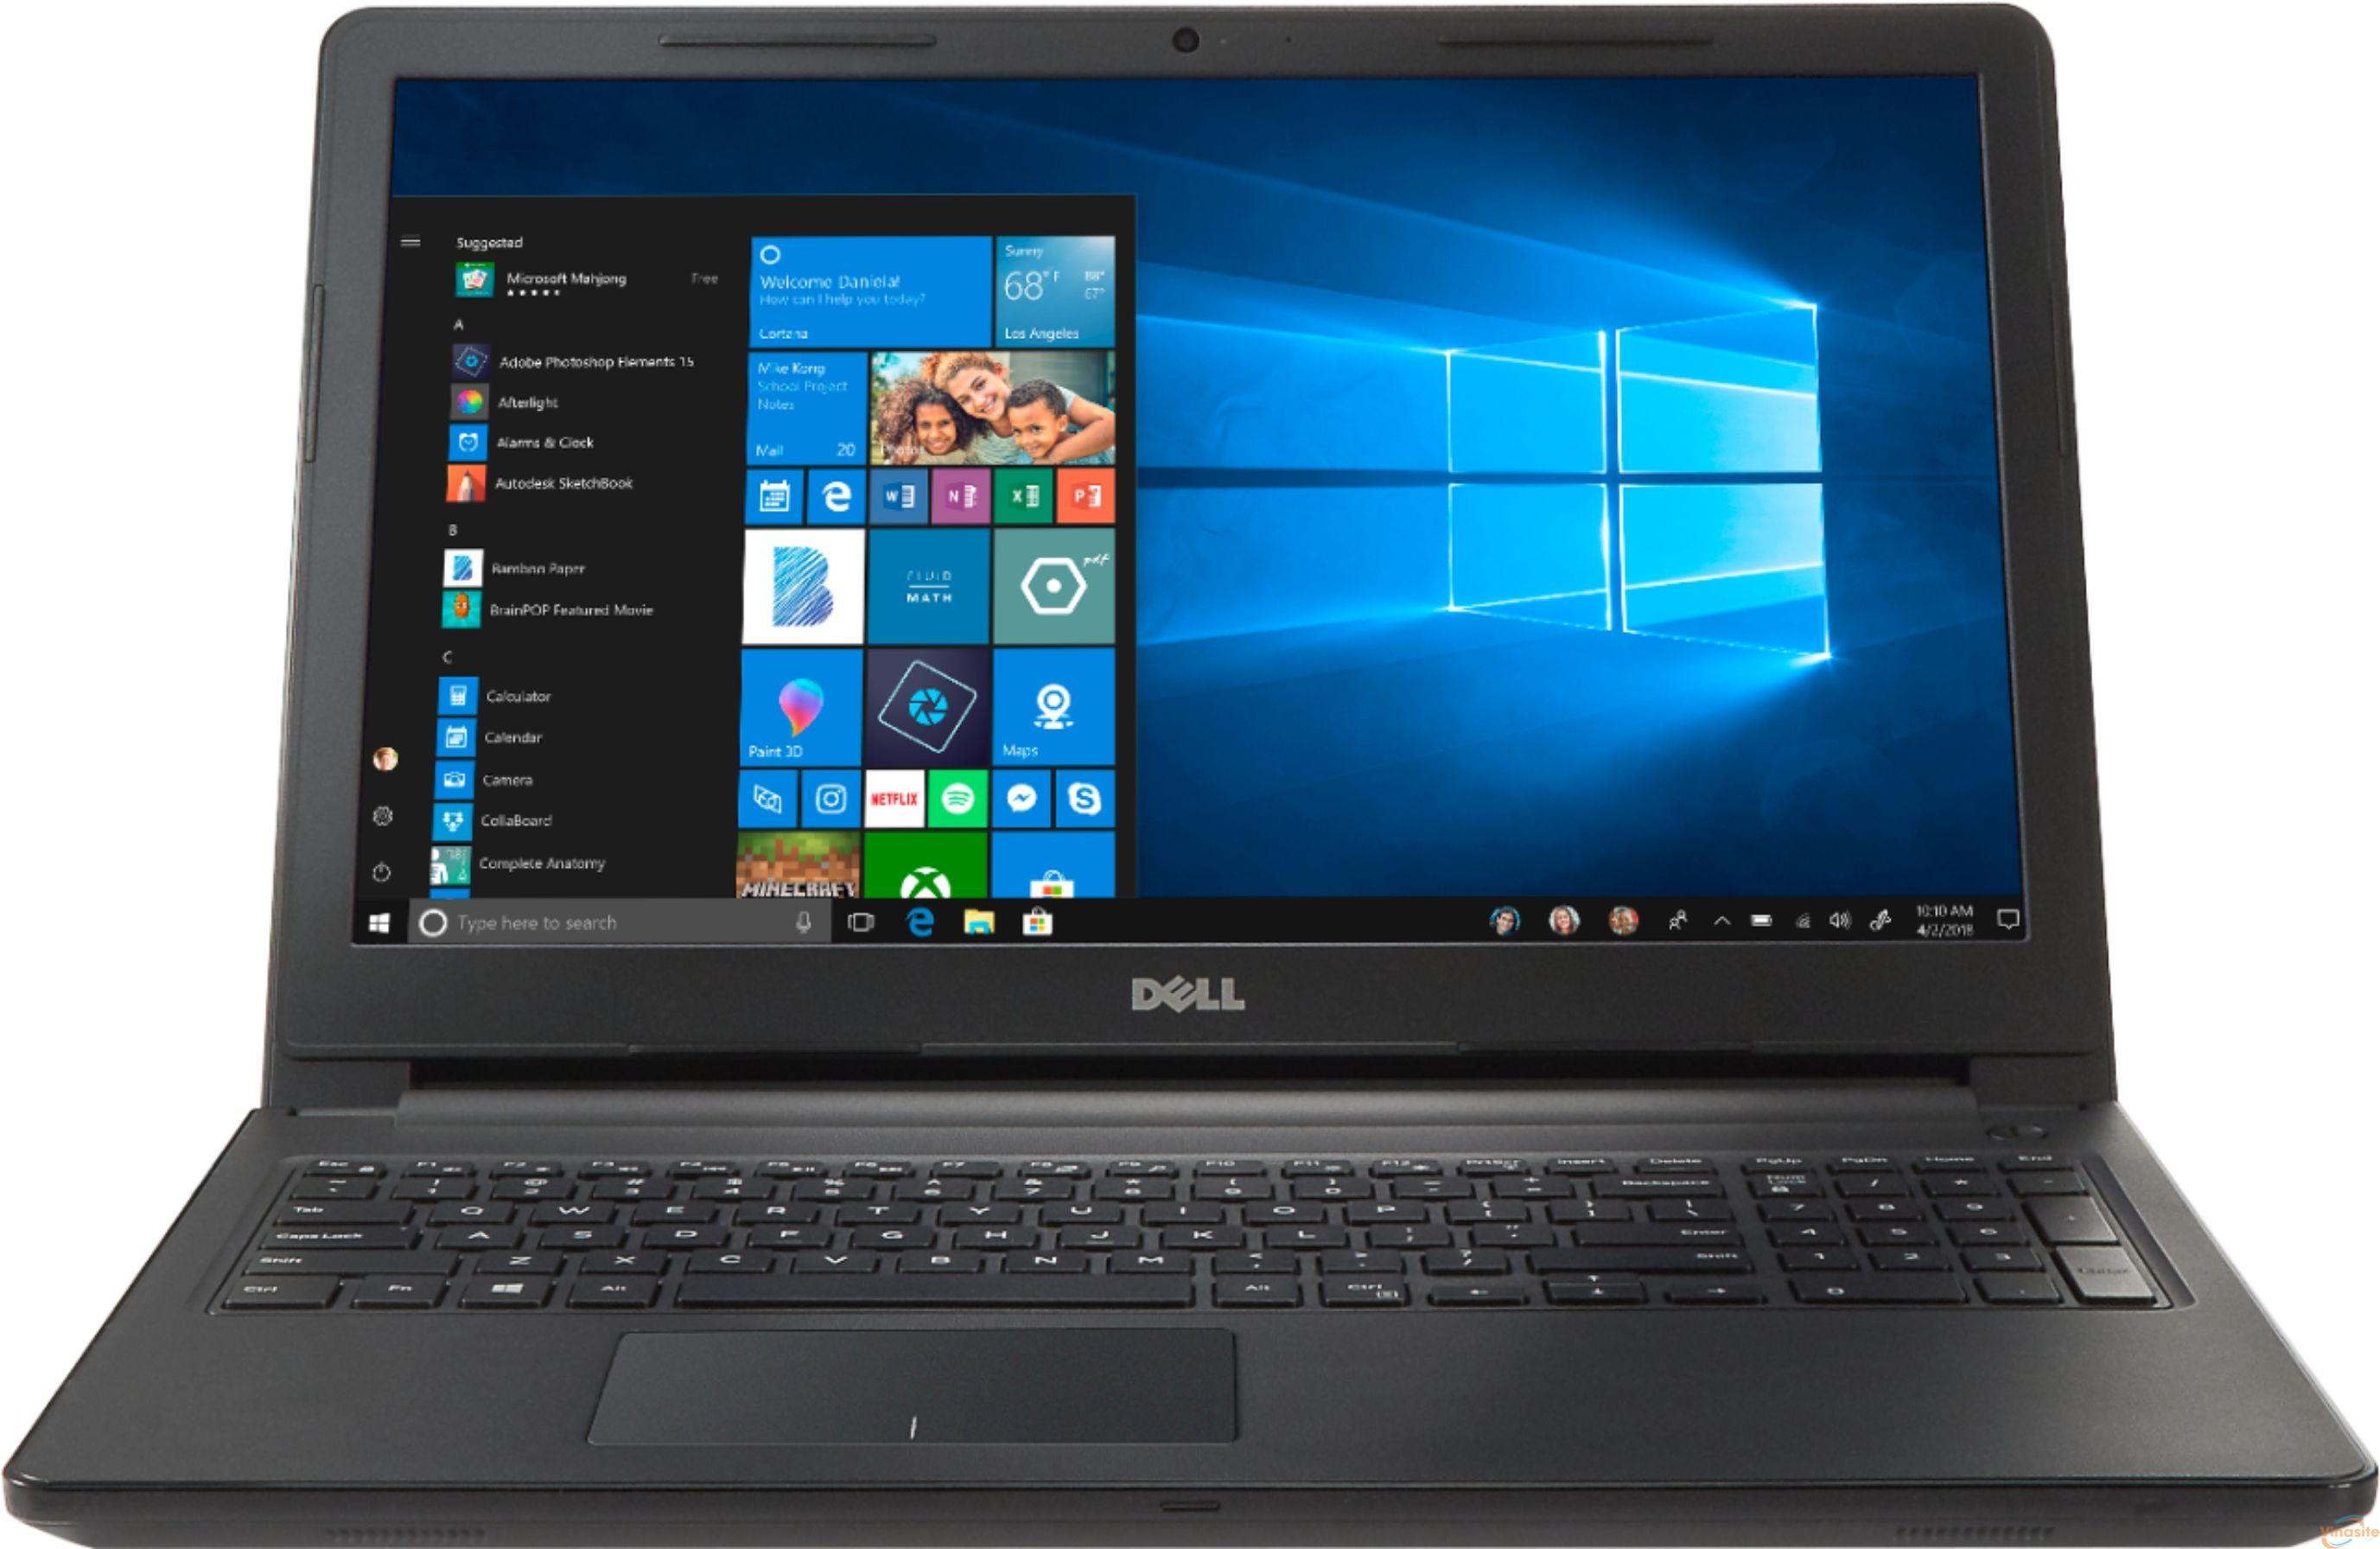 Máy tính hãng Dell Insprion đáp ứng nhu cầu đơn giản, phổ biến